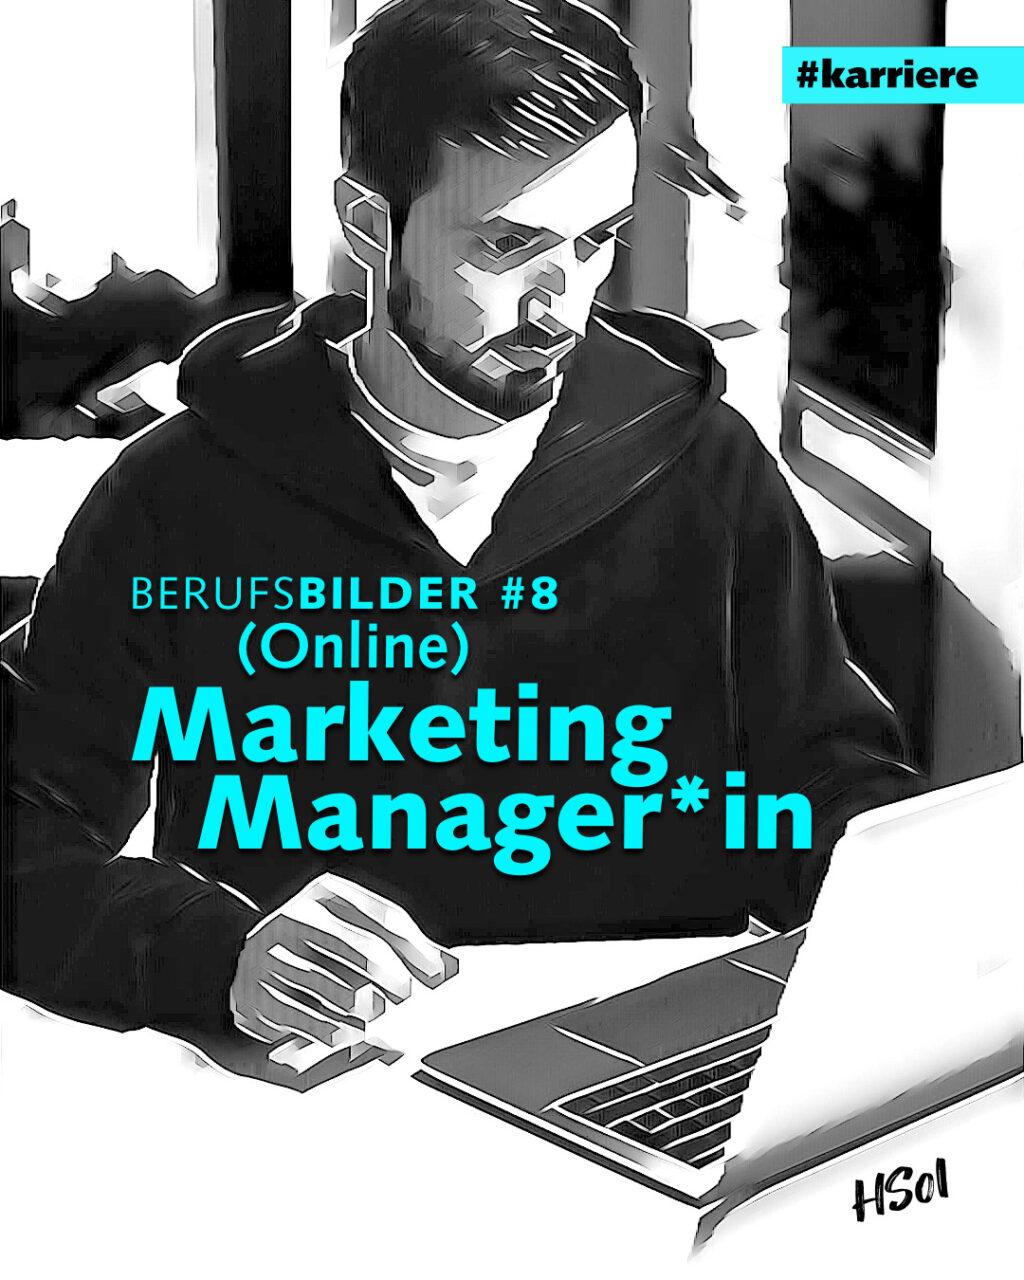 20210506_Berufsbilder_#8_Online_Marketing_ManagerIn_Feed